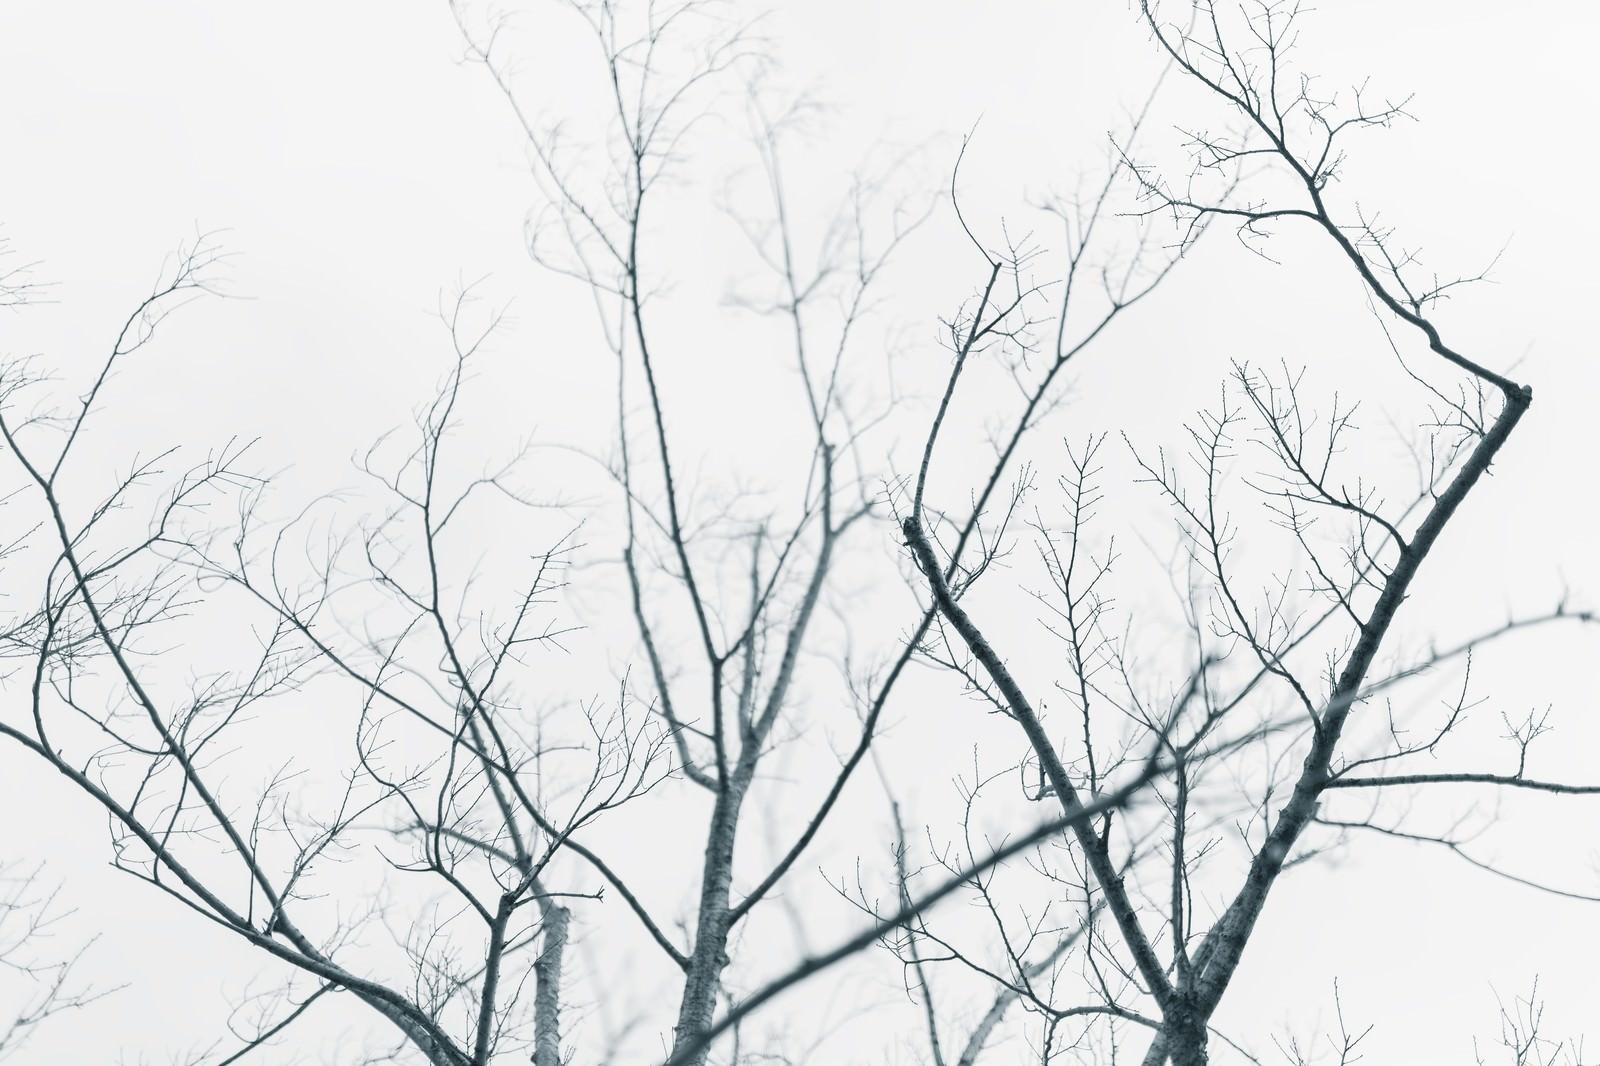 「葉が落ちた街路樹」の写真